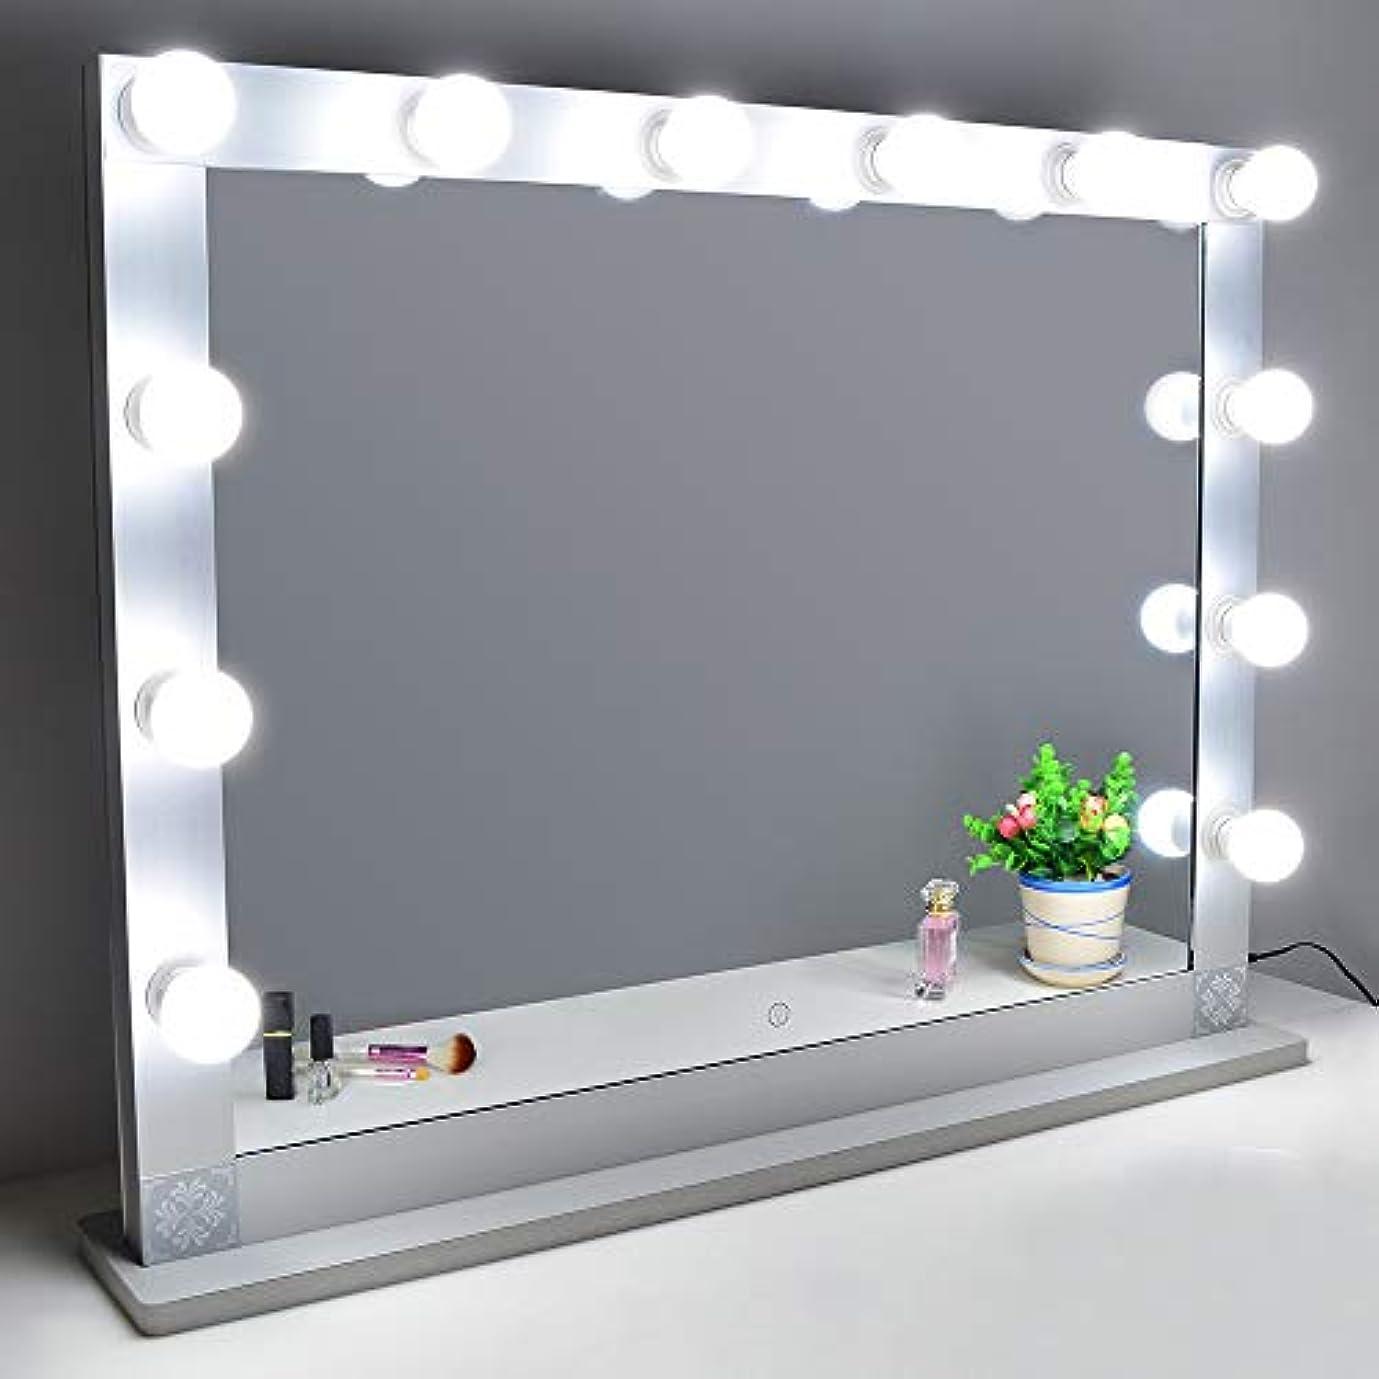 アジャ神社大工Nitin 女優ミラー 大型化粧鏡 ハリウッドミラー 12個LED電球付き 無段階調光 スタンド付き USB差込口付き 卓上ミラー 女優ライト ドレッサー/化粧台に適用(85*66.5cm)